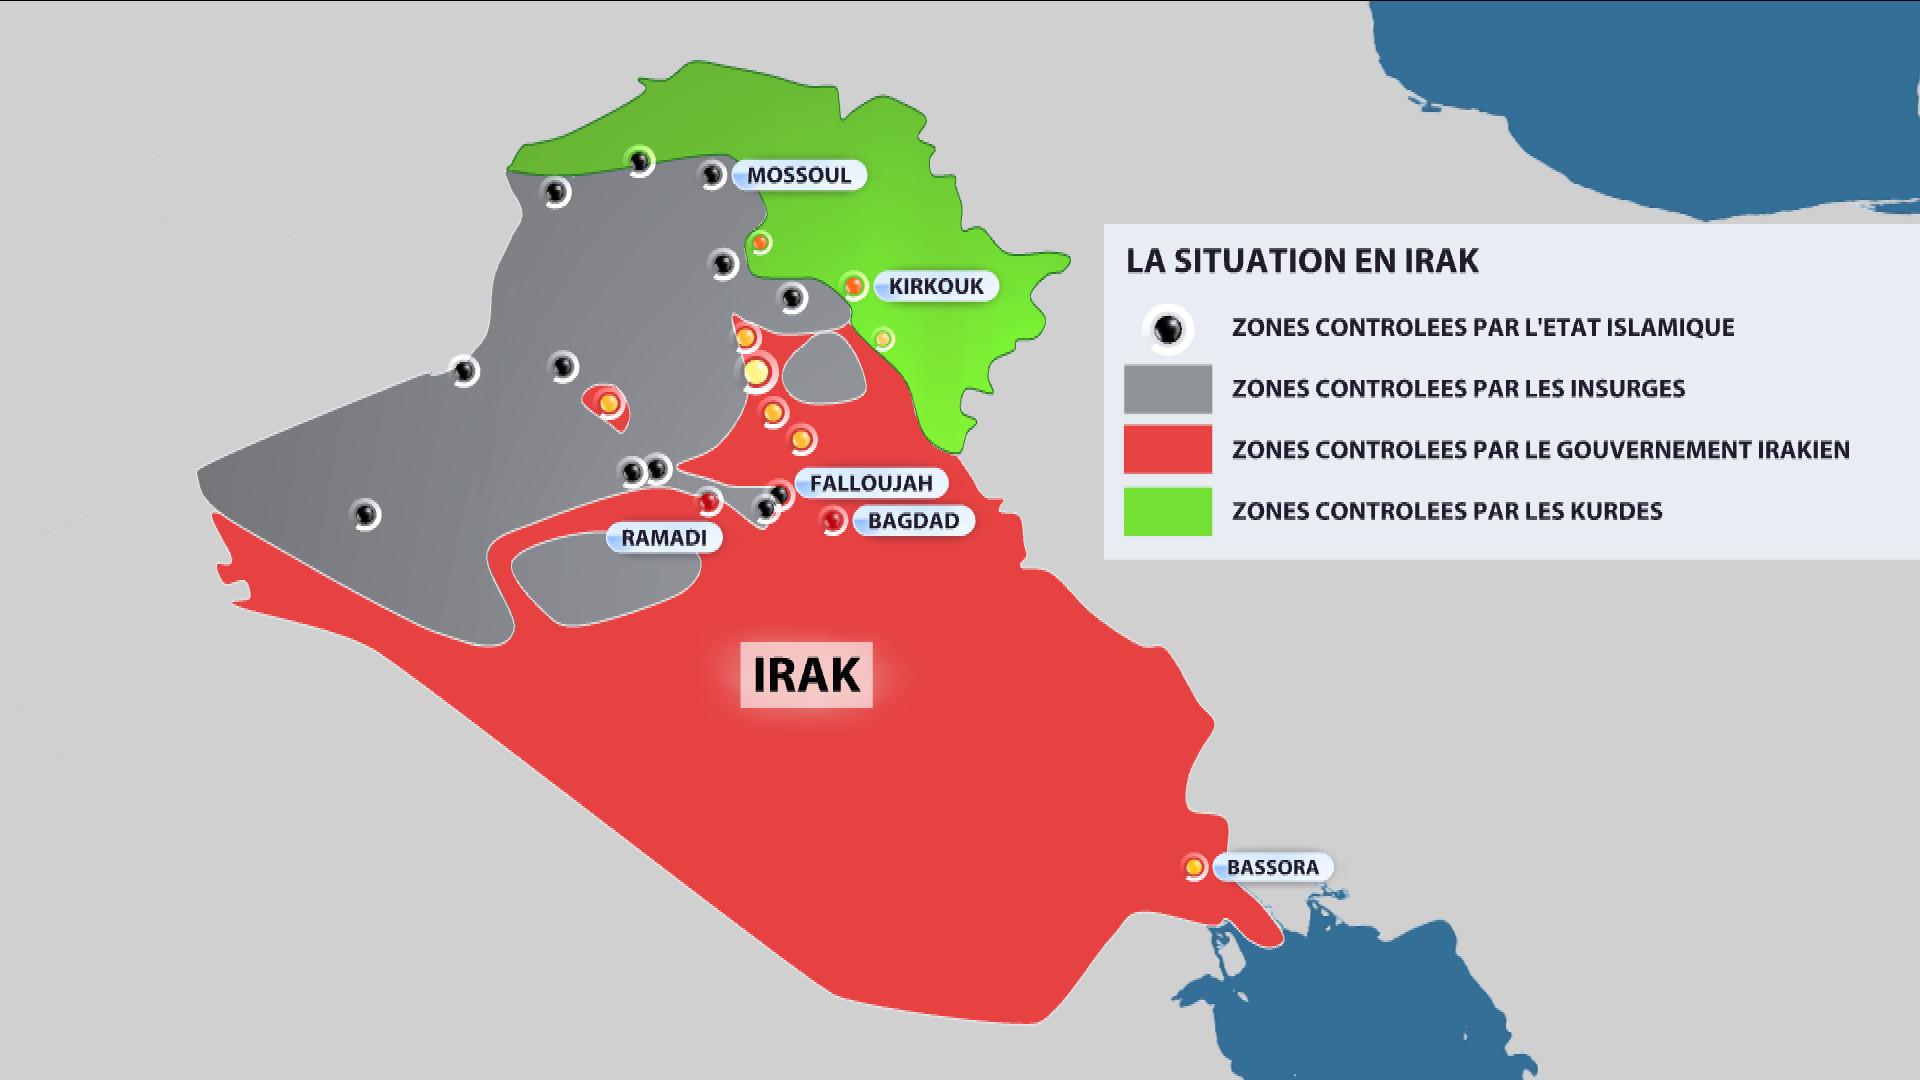 Irak, Afghanistan, Libye : le grand retour des insurrections...et des interventions